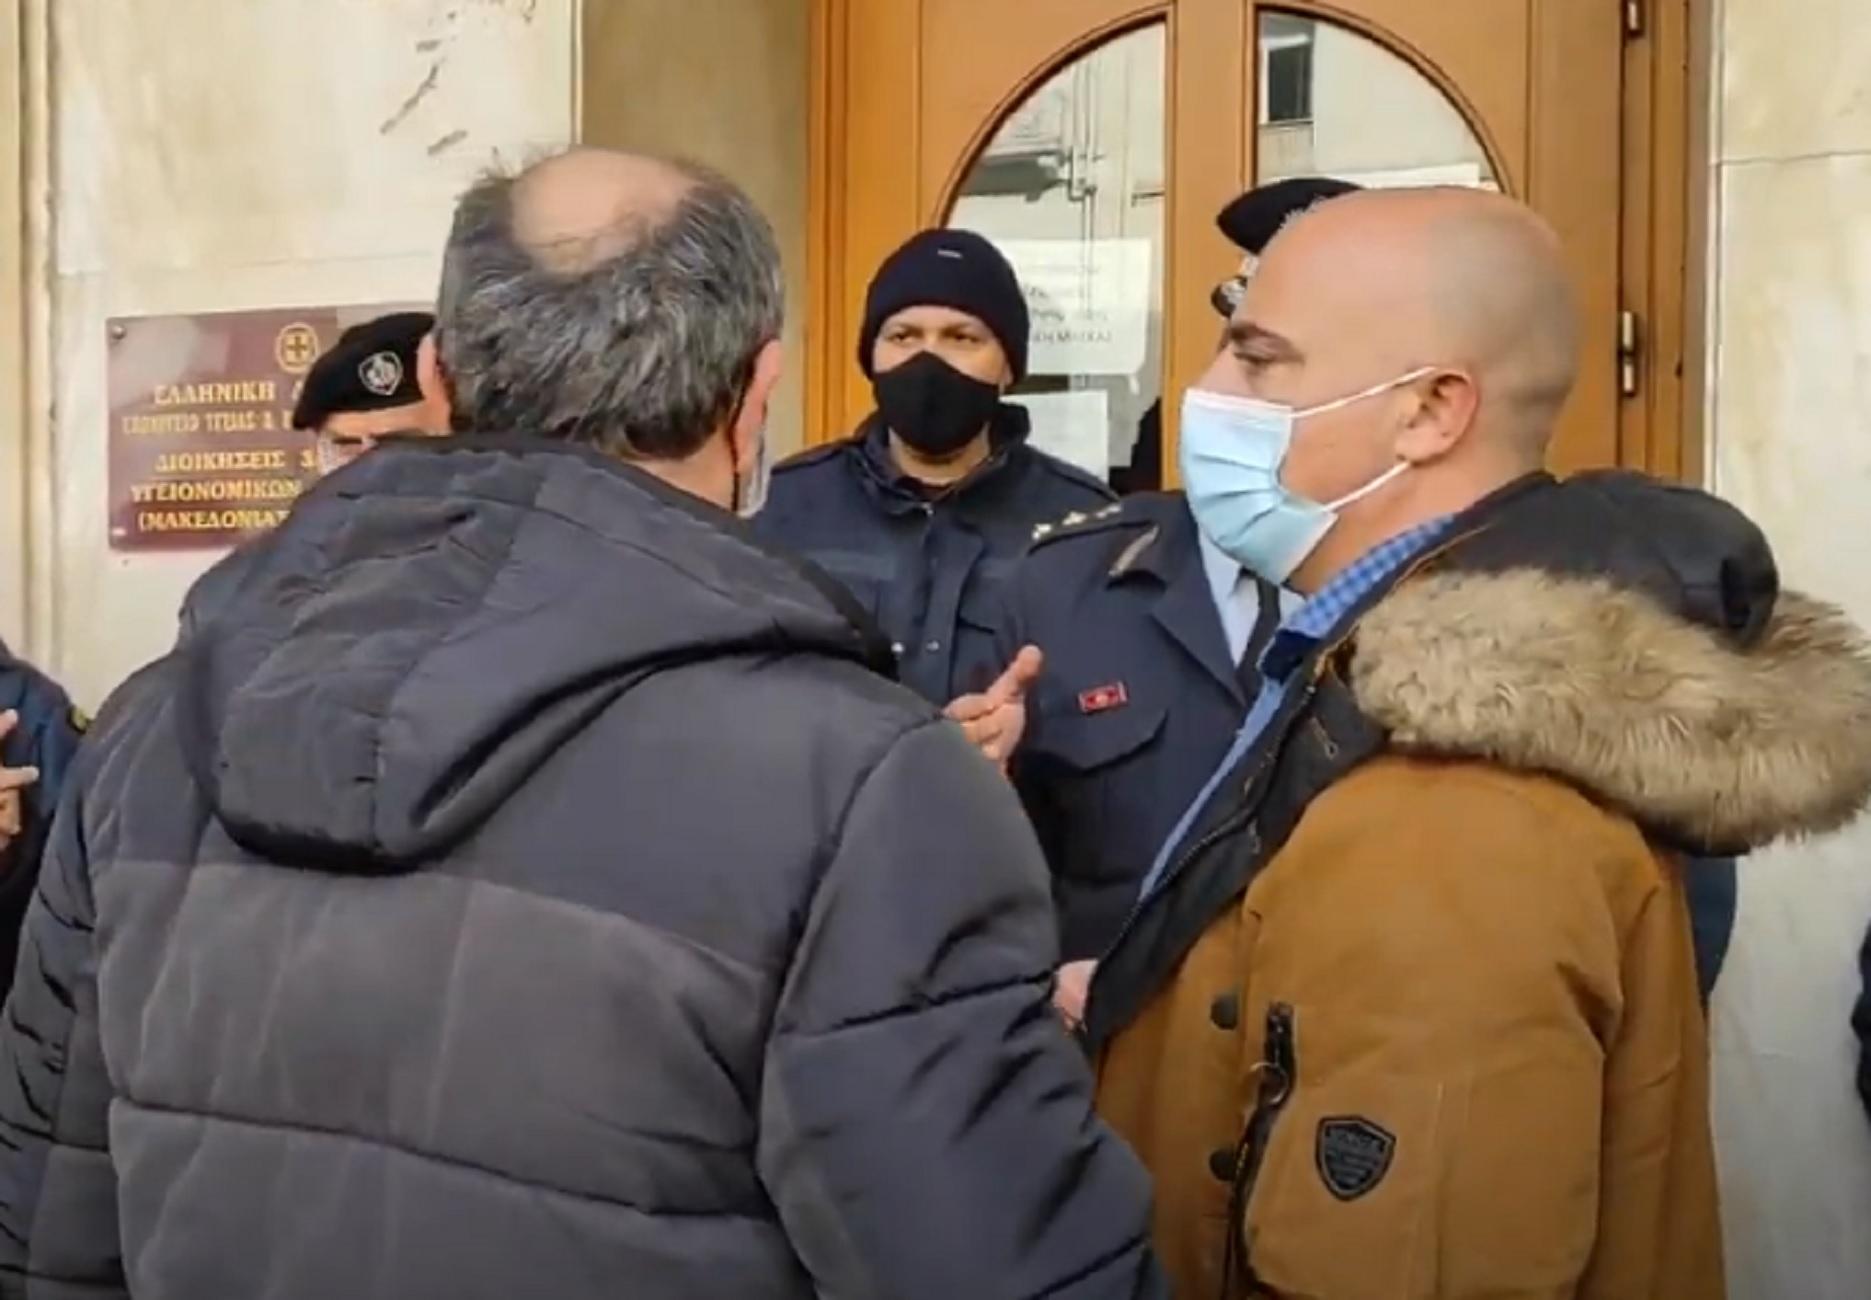 Θεσσαλονίκη: Ένταση μεταξύ γιατρών και αστυνομικών για τους διωκόμενους συνδικαλιστές (video)